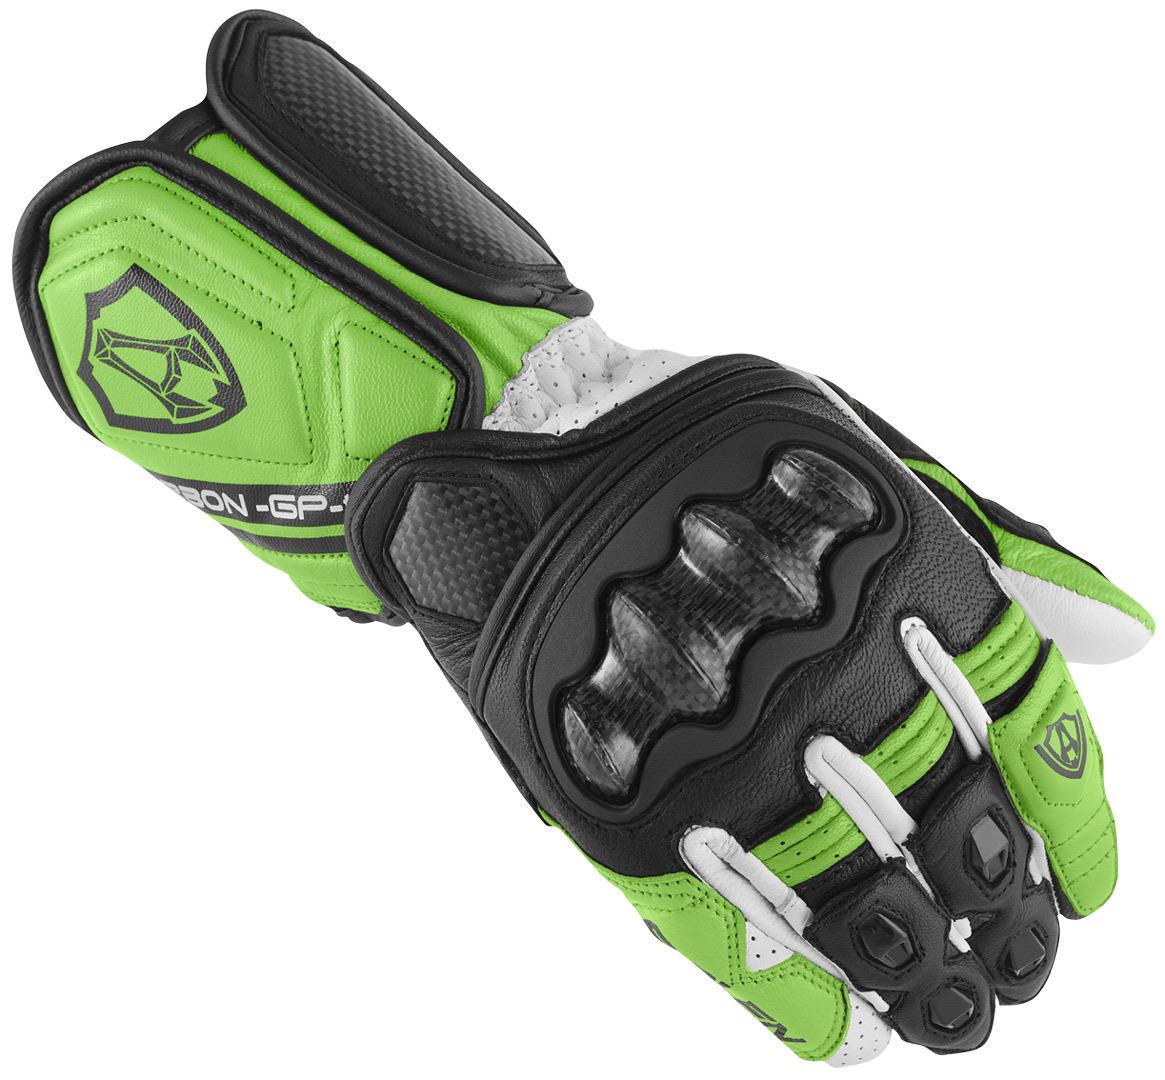 Arlen Ness RG-X Motorradhandschuhe, schwarz-weiss-grün, Größe 2XL, schwarz-weiss-grün, Größe 2XL